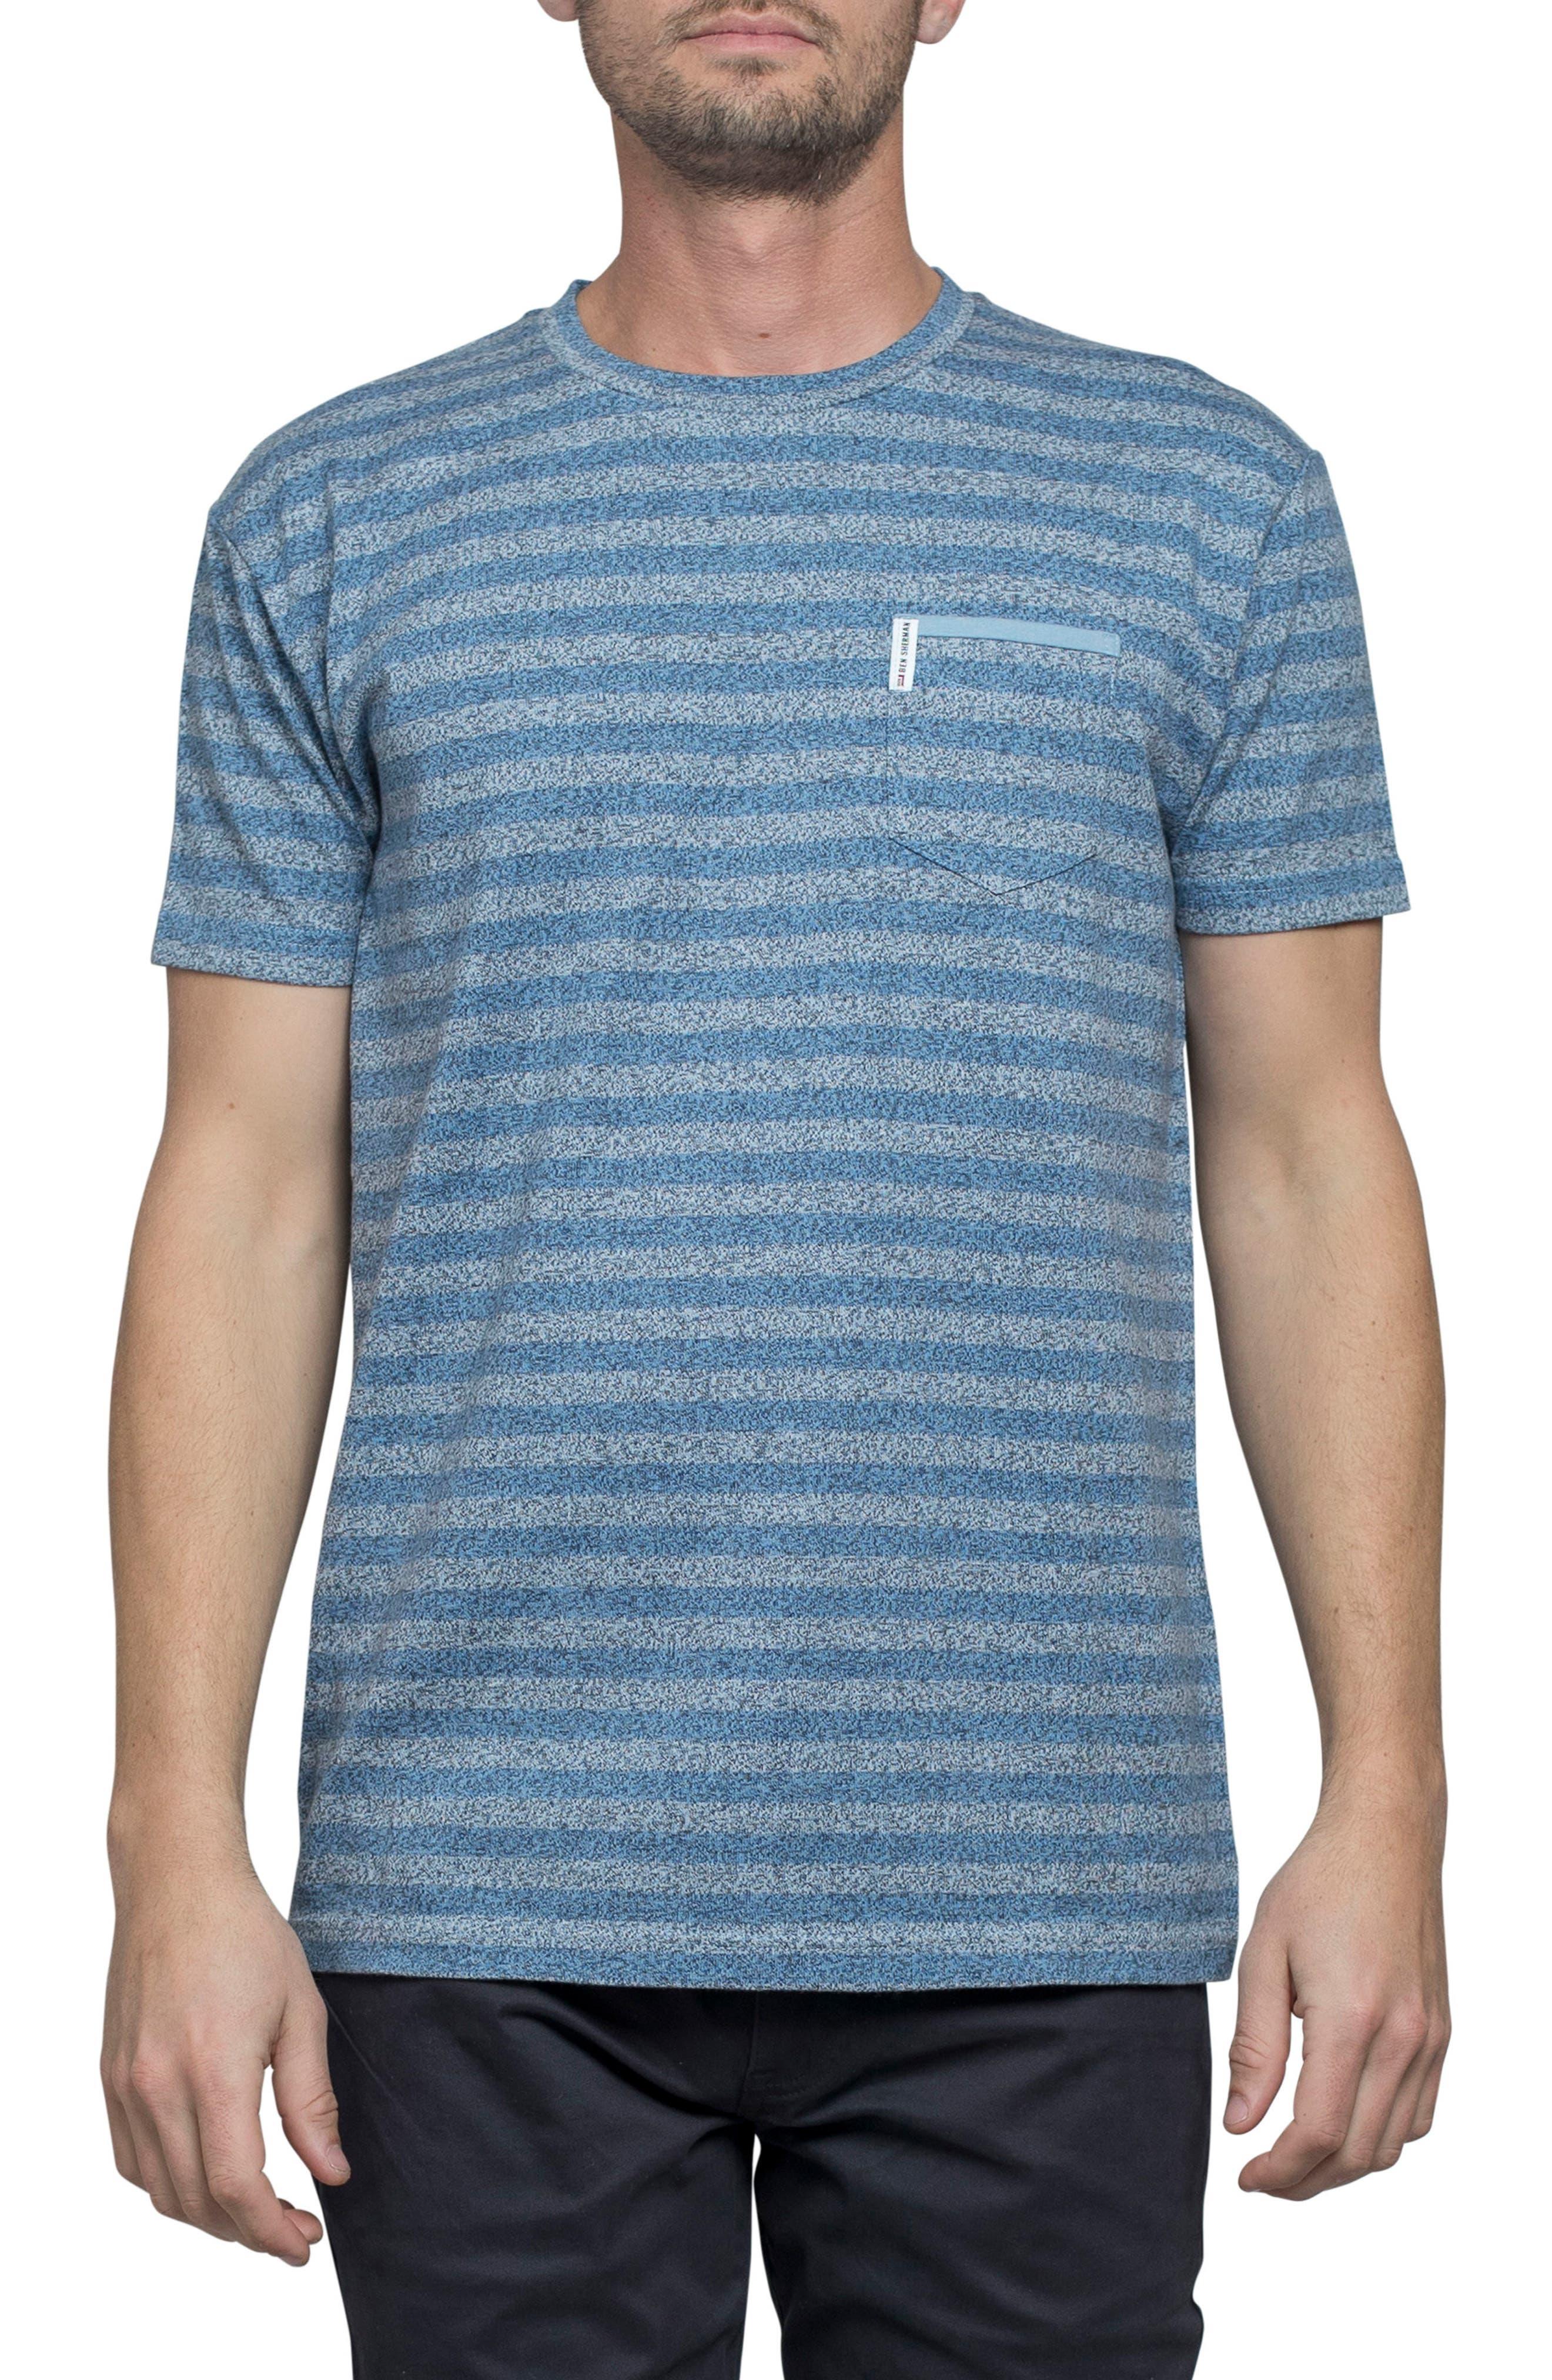 Ben Sherman Stripe Crewneck T-Shirt